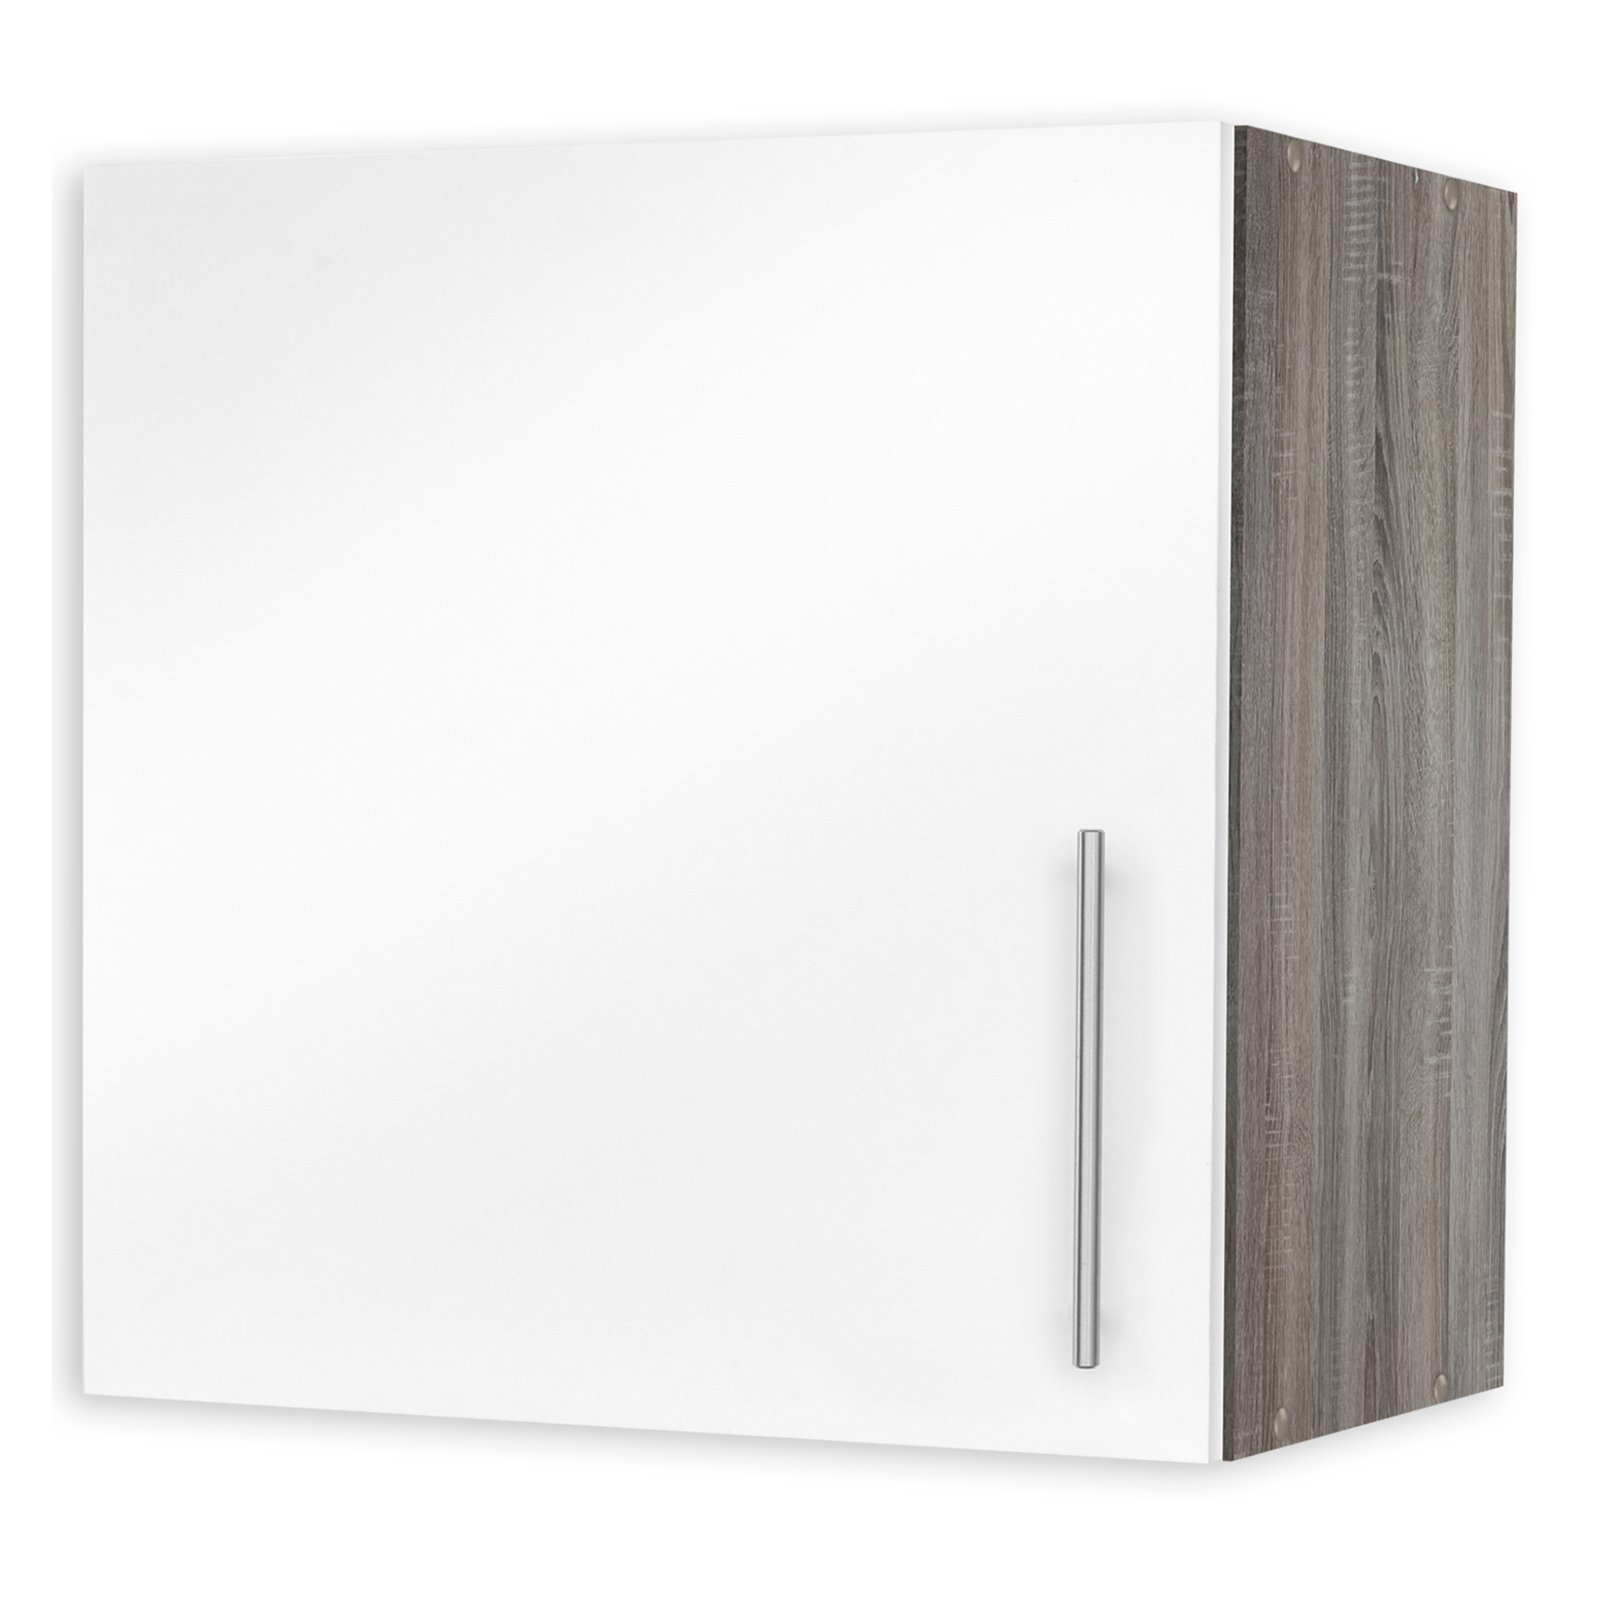 Hängeschrank küche  Hängeschränke günstig bei ROLLER kaufen - Große Auswahl Oberschränke